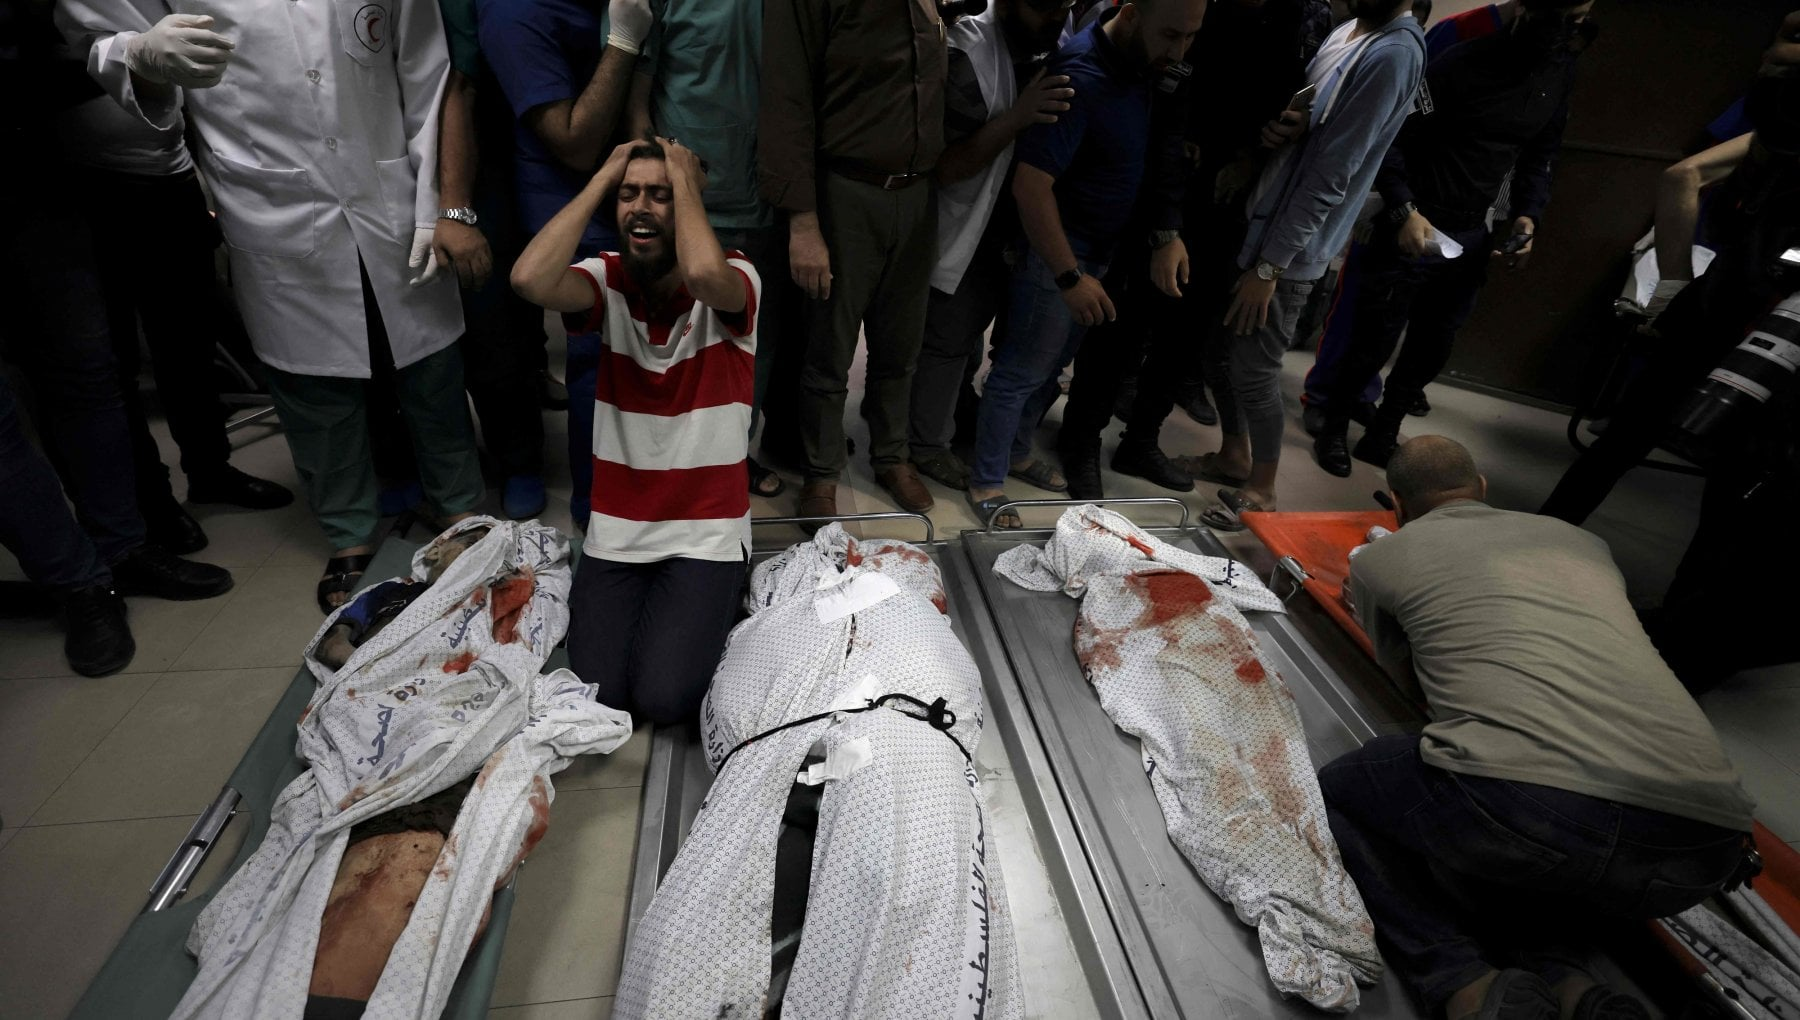 024057329 5dda99a2 b1f6 46b7 ac55 834f794bf6df - Medioriente, ancora bombardamenti israeliani sulla Striscia di Gaza: colpito un campo profughi, bambini tra le vittime